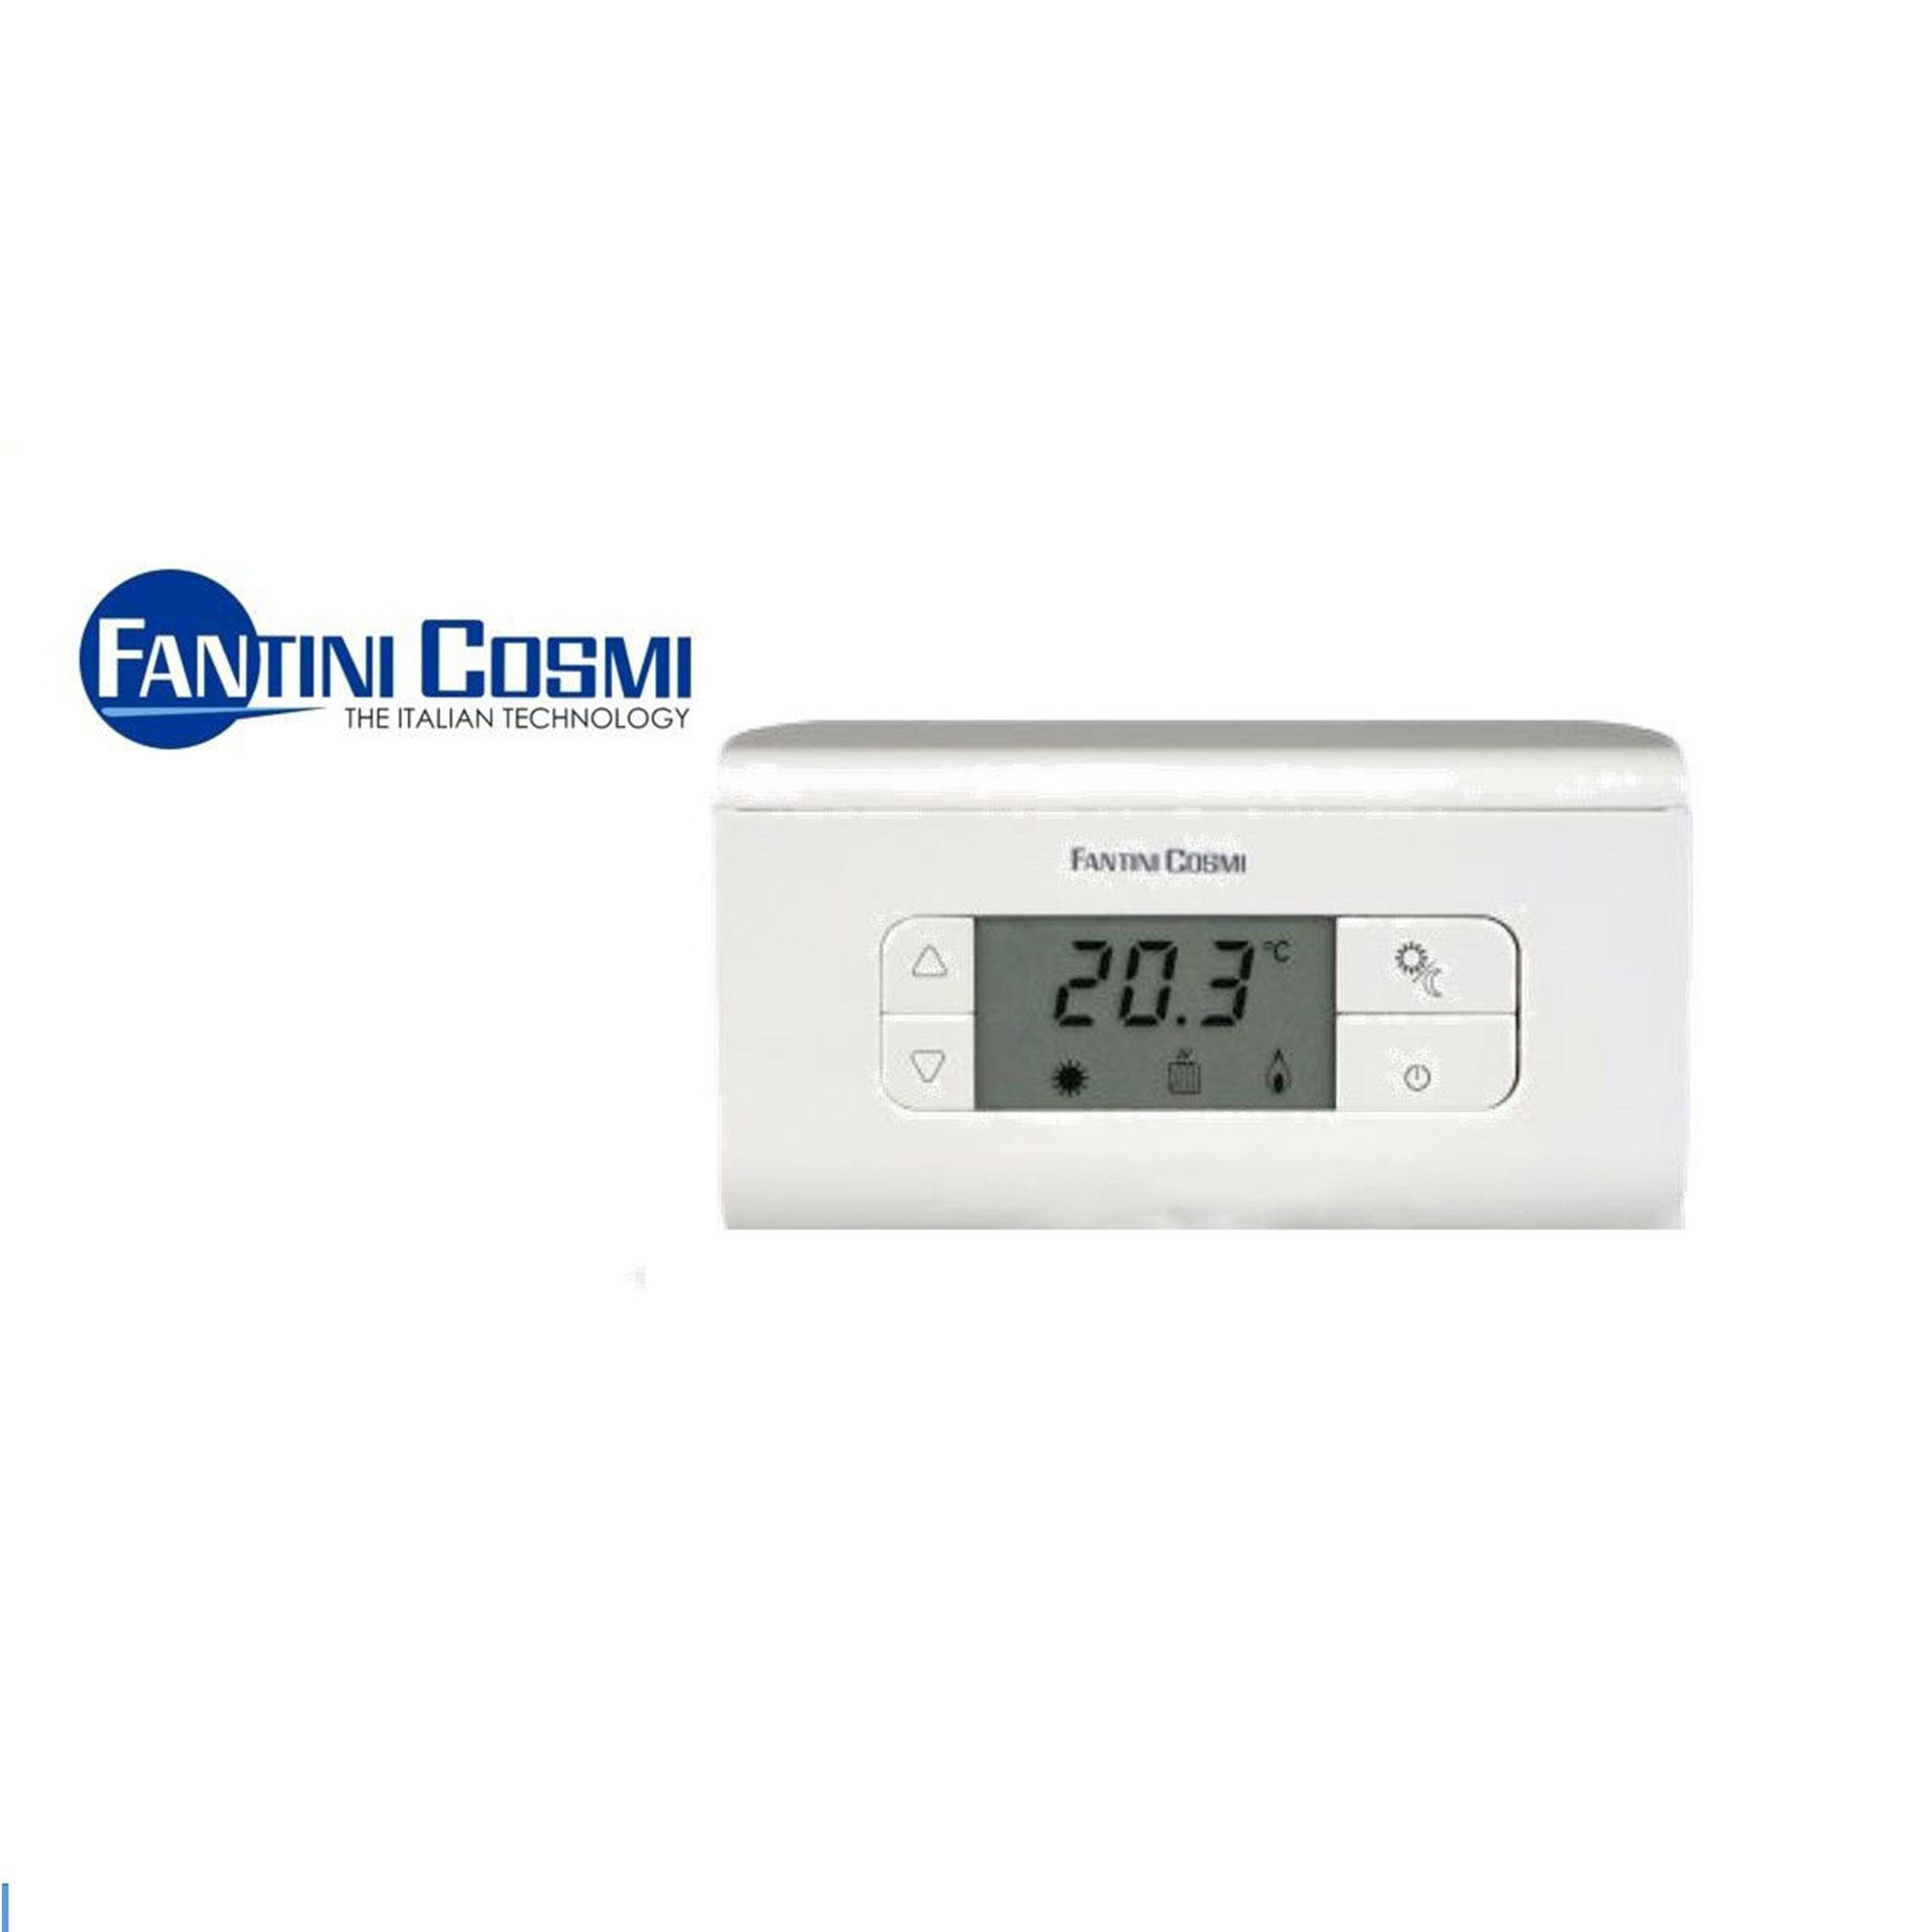 termostato ambiente ch115 ch116 ch117 fantini cosmi parete